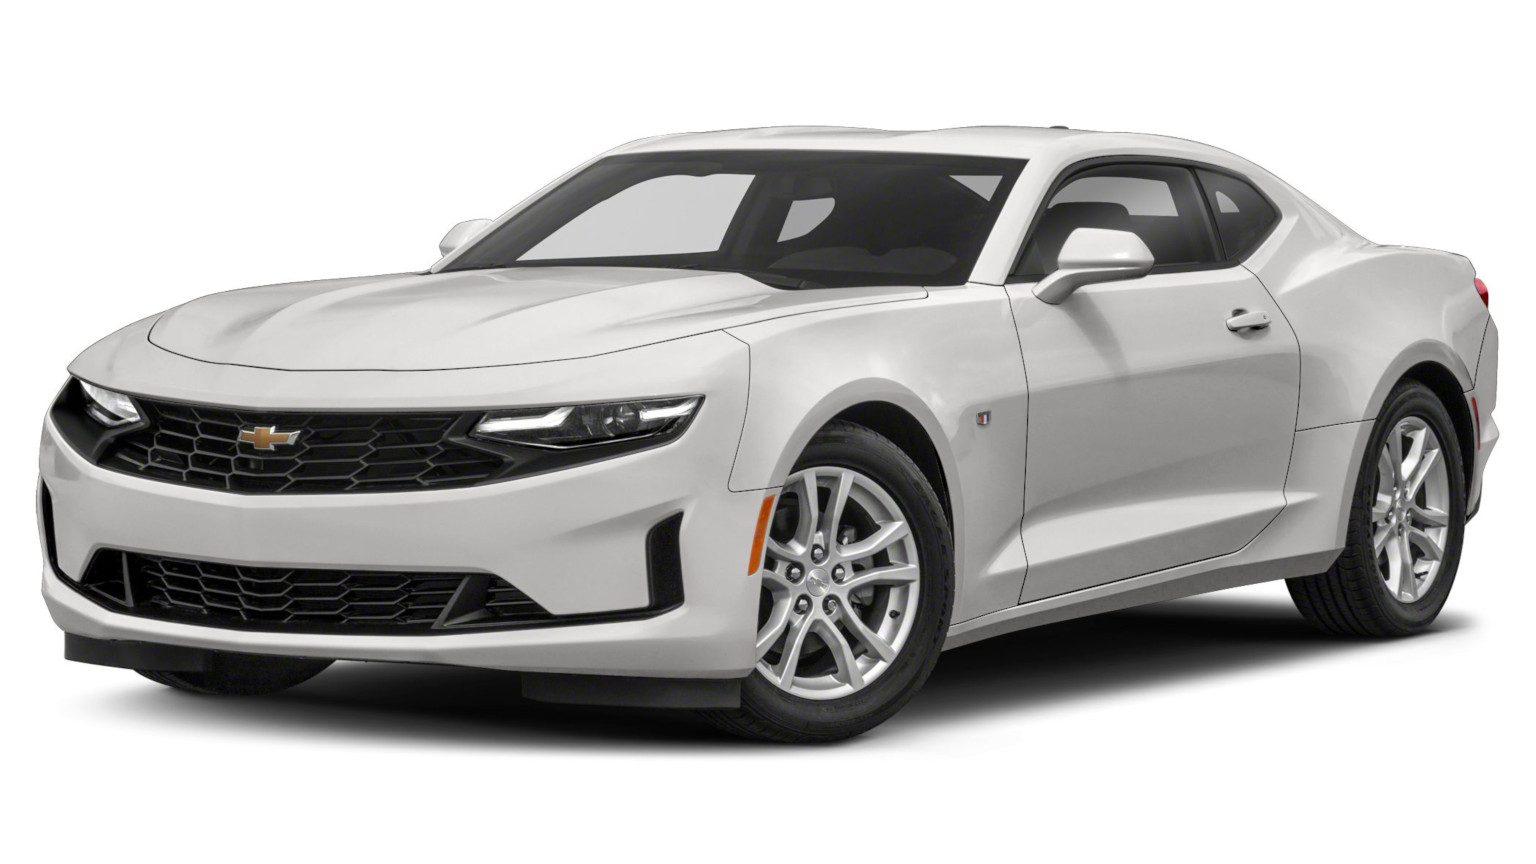 2020 white Chevy Camaro